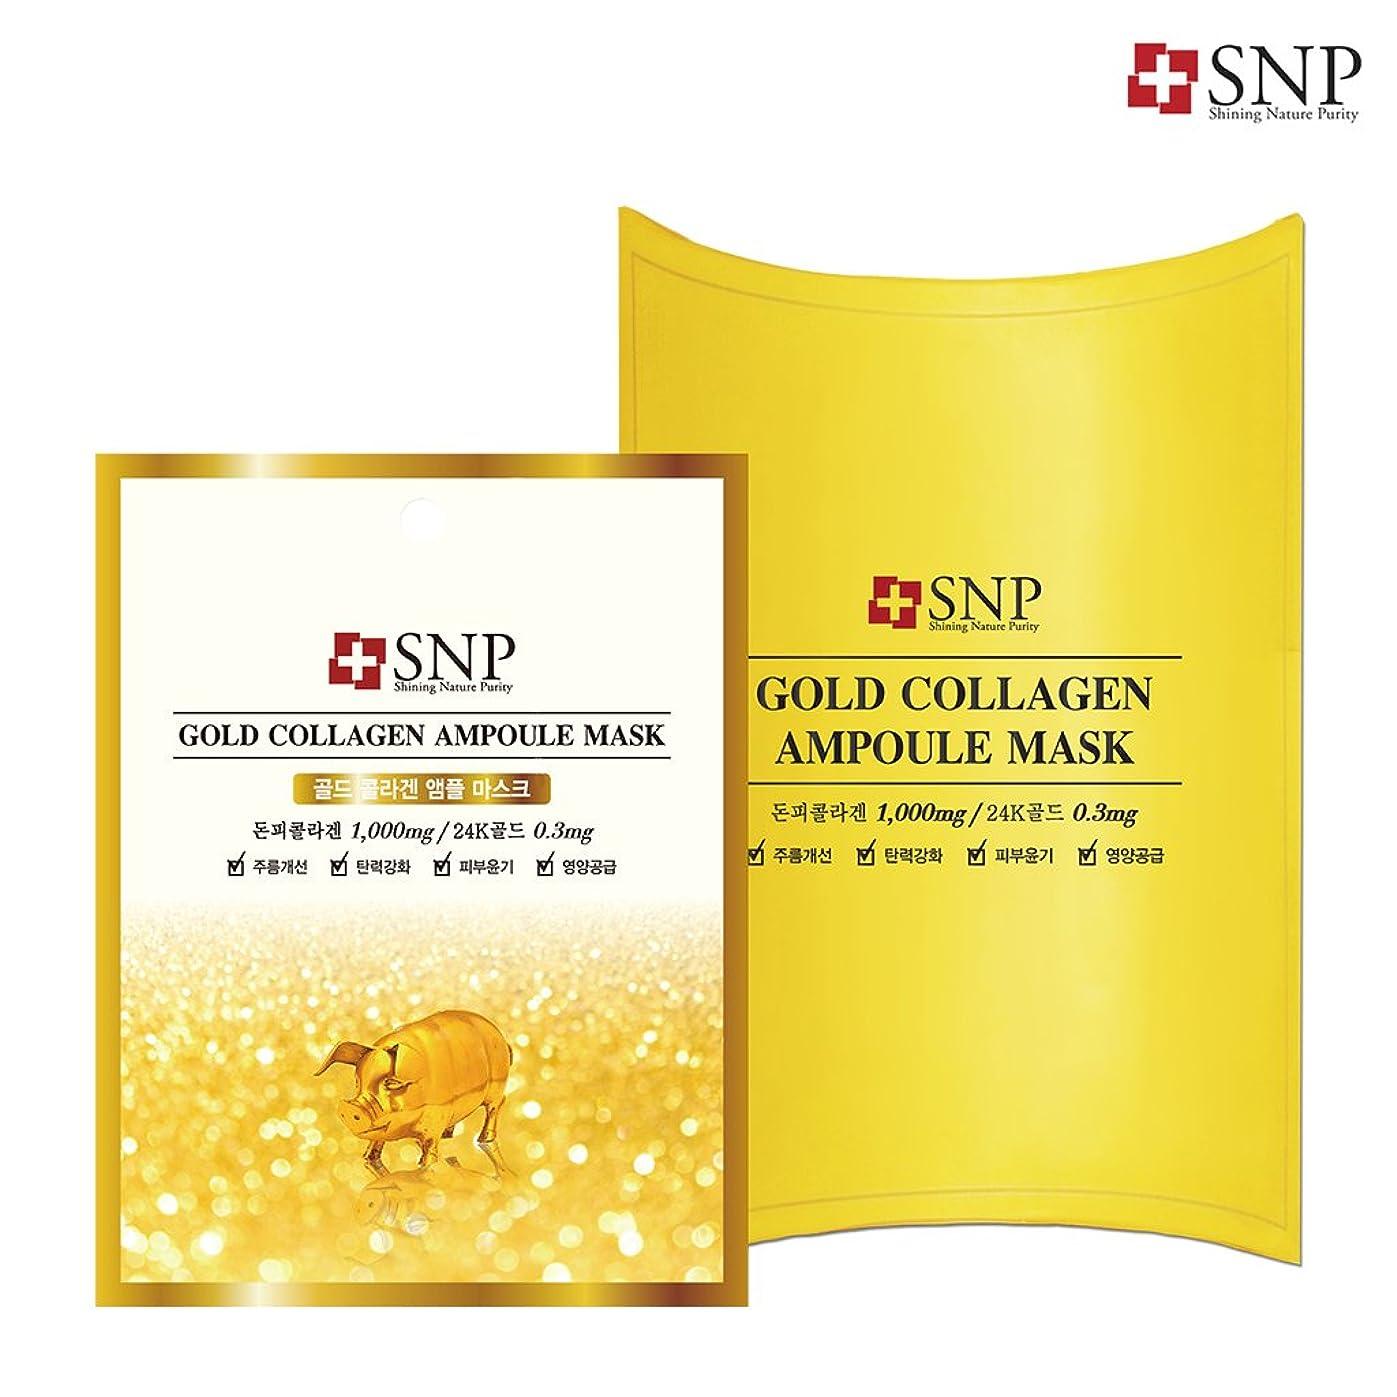 スキャンダルに向けて出発乗ってSNP ゴールド コラーゲン アンプル マスク 10枚/GOLD COLLAGEN AMPOULE MASK 10EA[海外直送品]